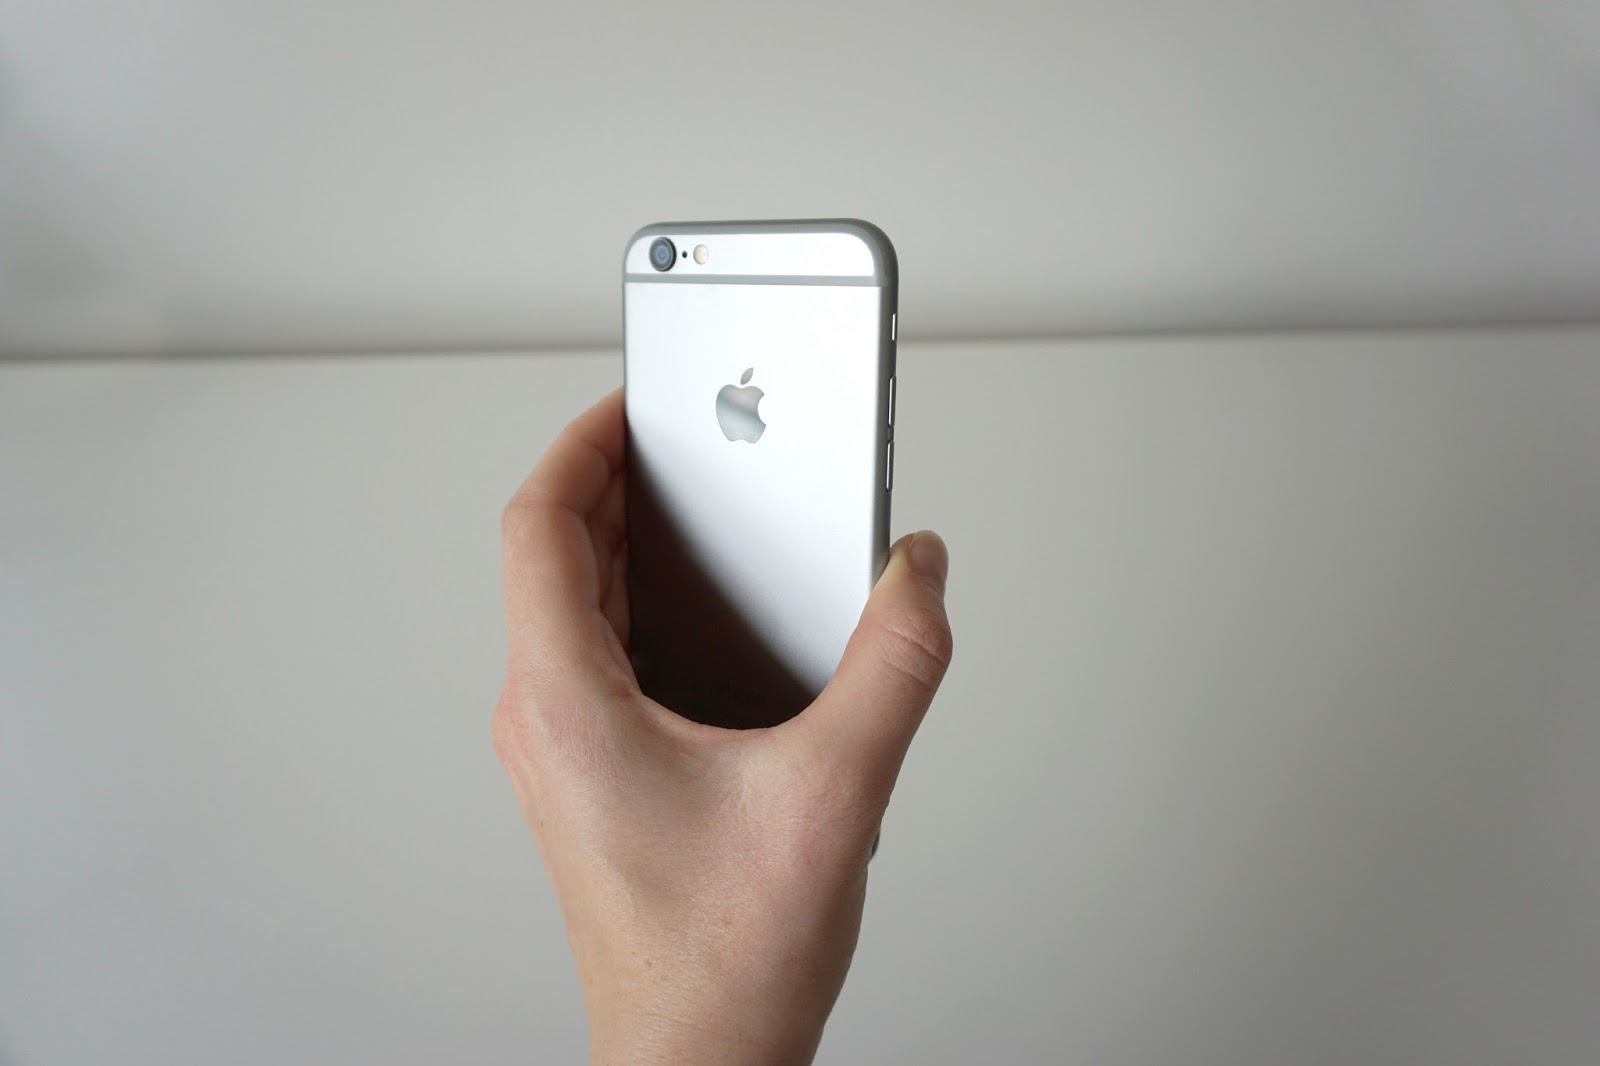 iphone, zakup iphone, czy warto kupić iphone, iphone 6, apple, przesiadka z android na ios, przesiadka na iphone, blog lifestyle